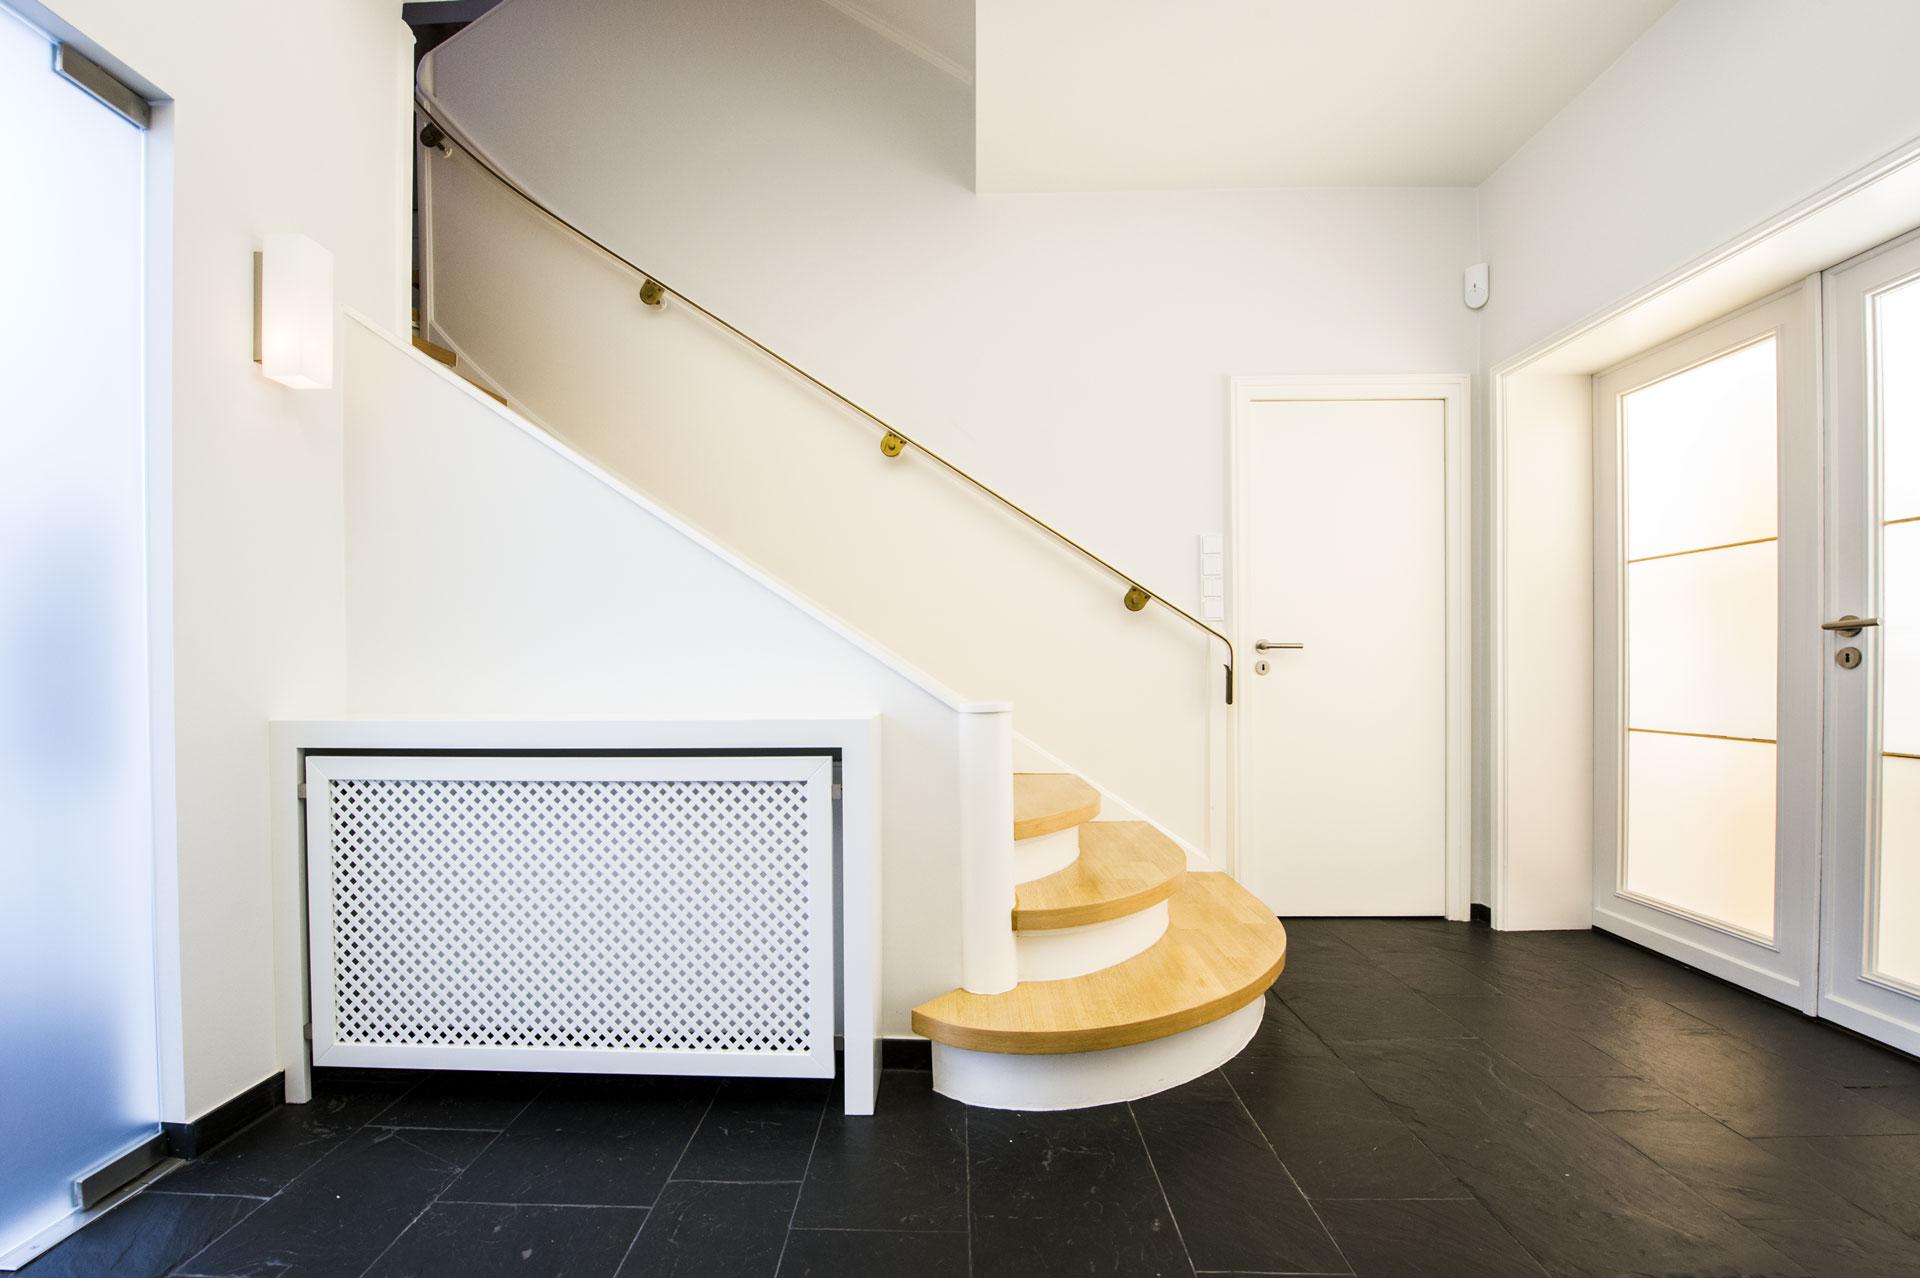 Neugestaltung eines Wohnhauses in Herdecke